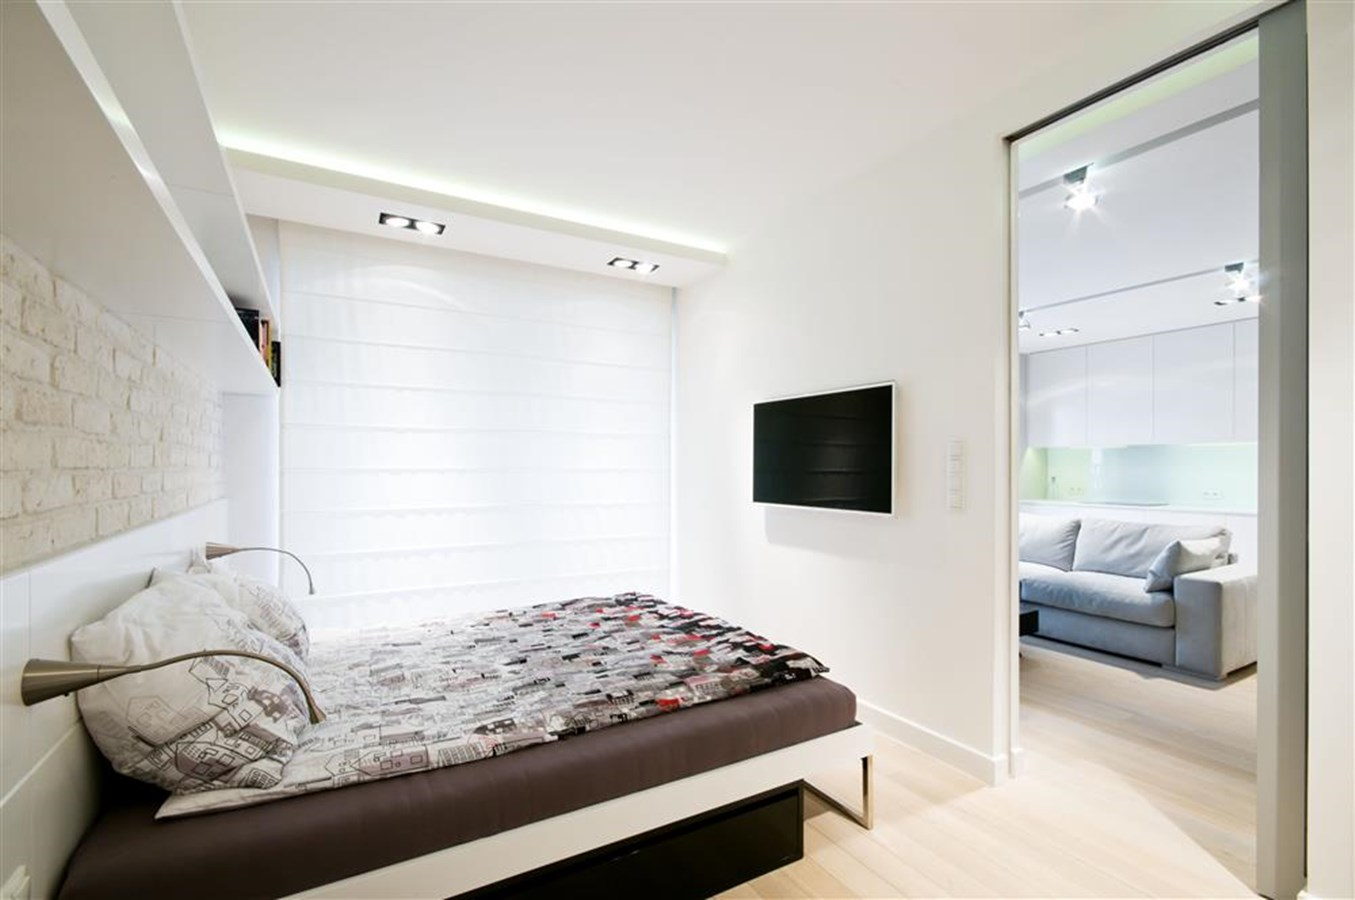 Biała Sypialnia W Nowoczesnym Stylu Inspiracja Homesquare